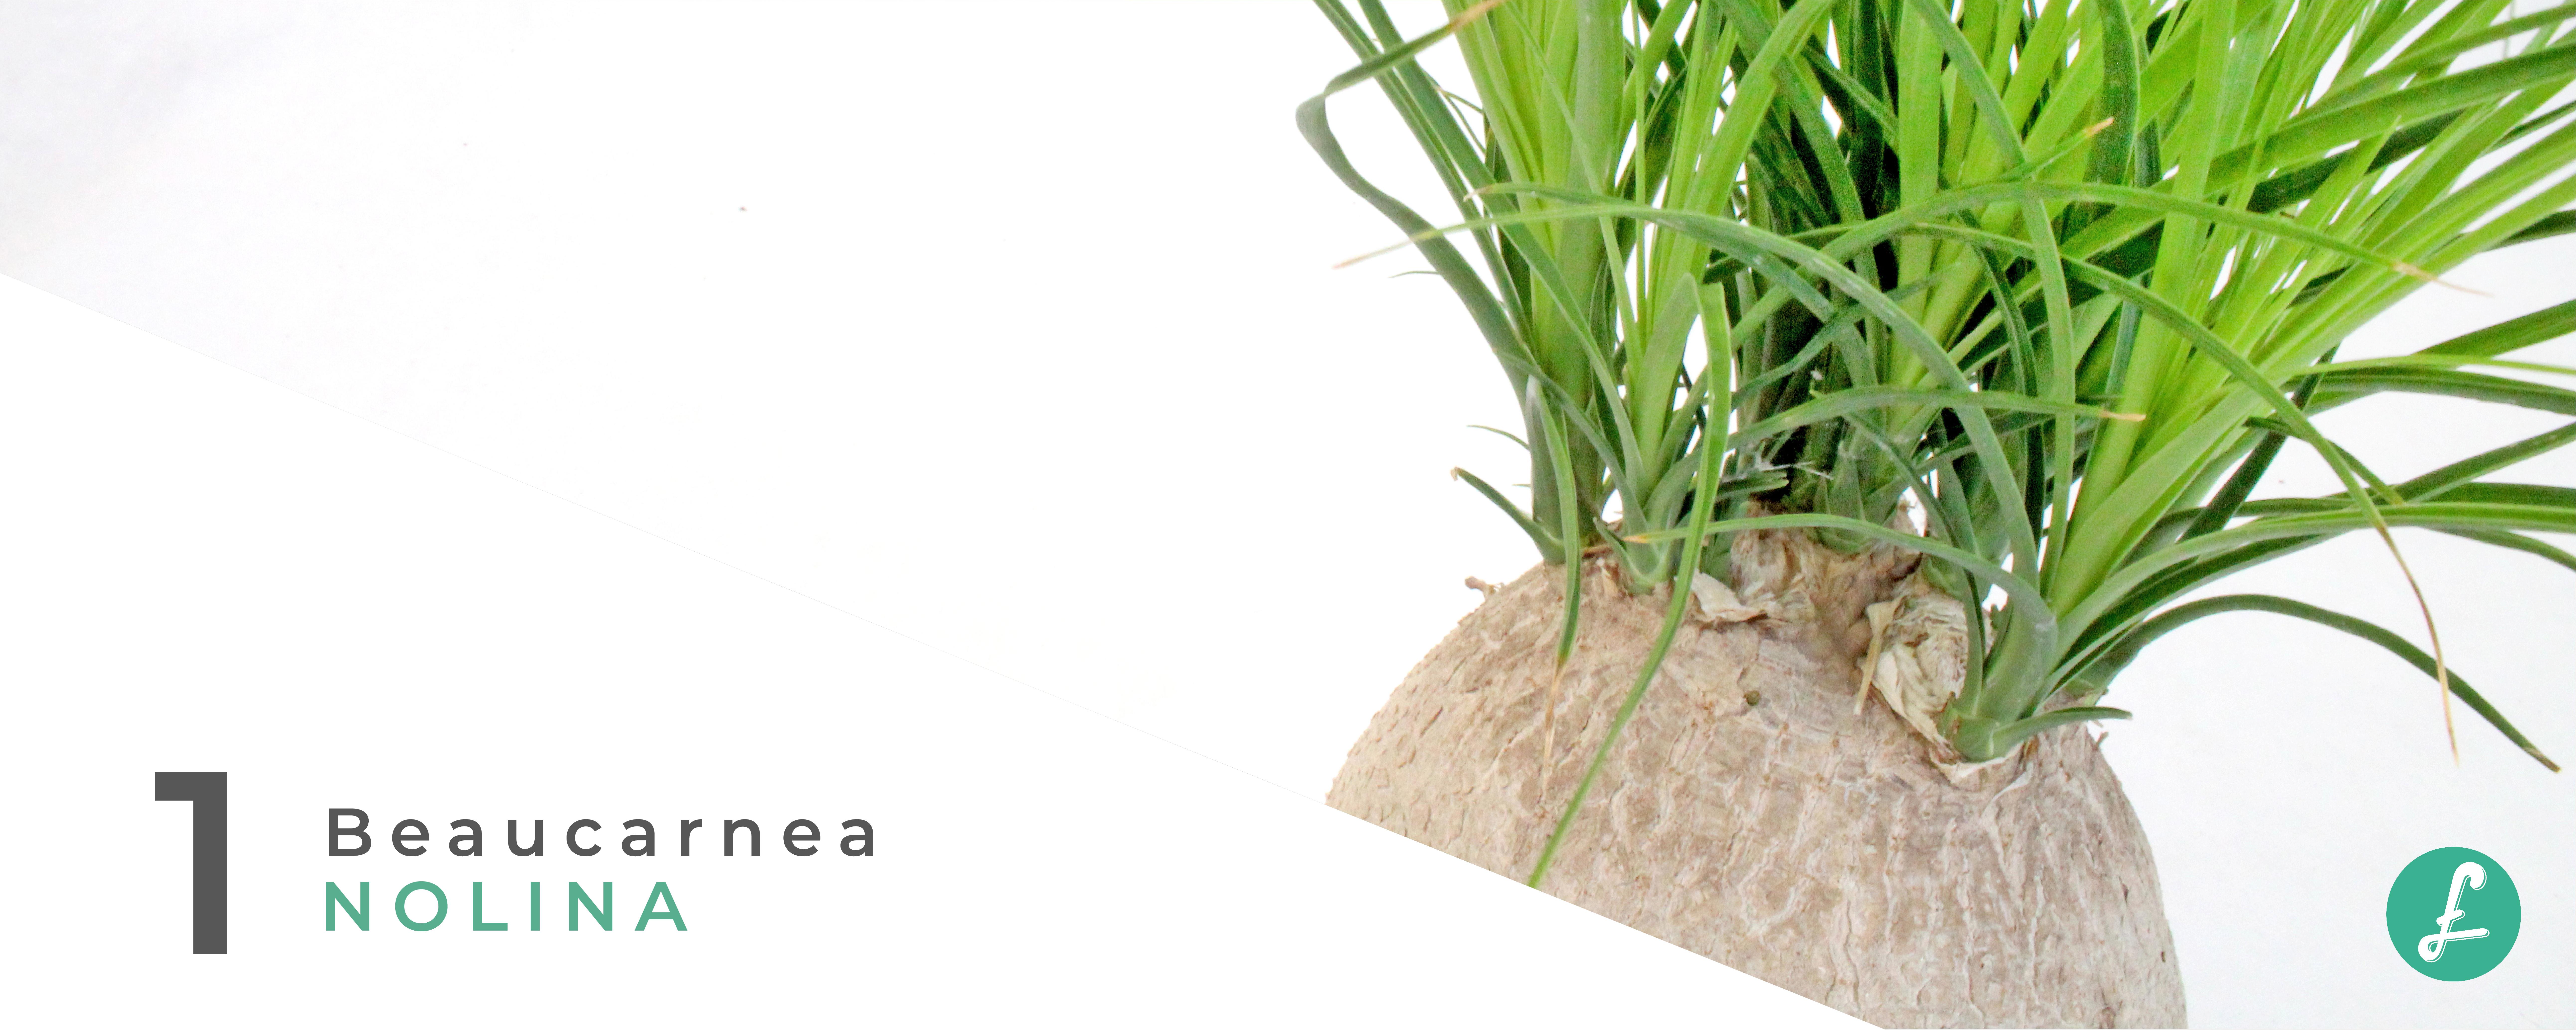 Beucarnea Nolina